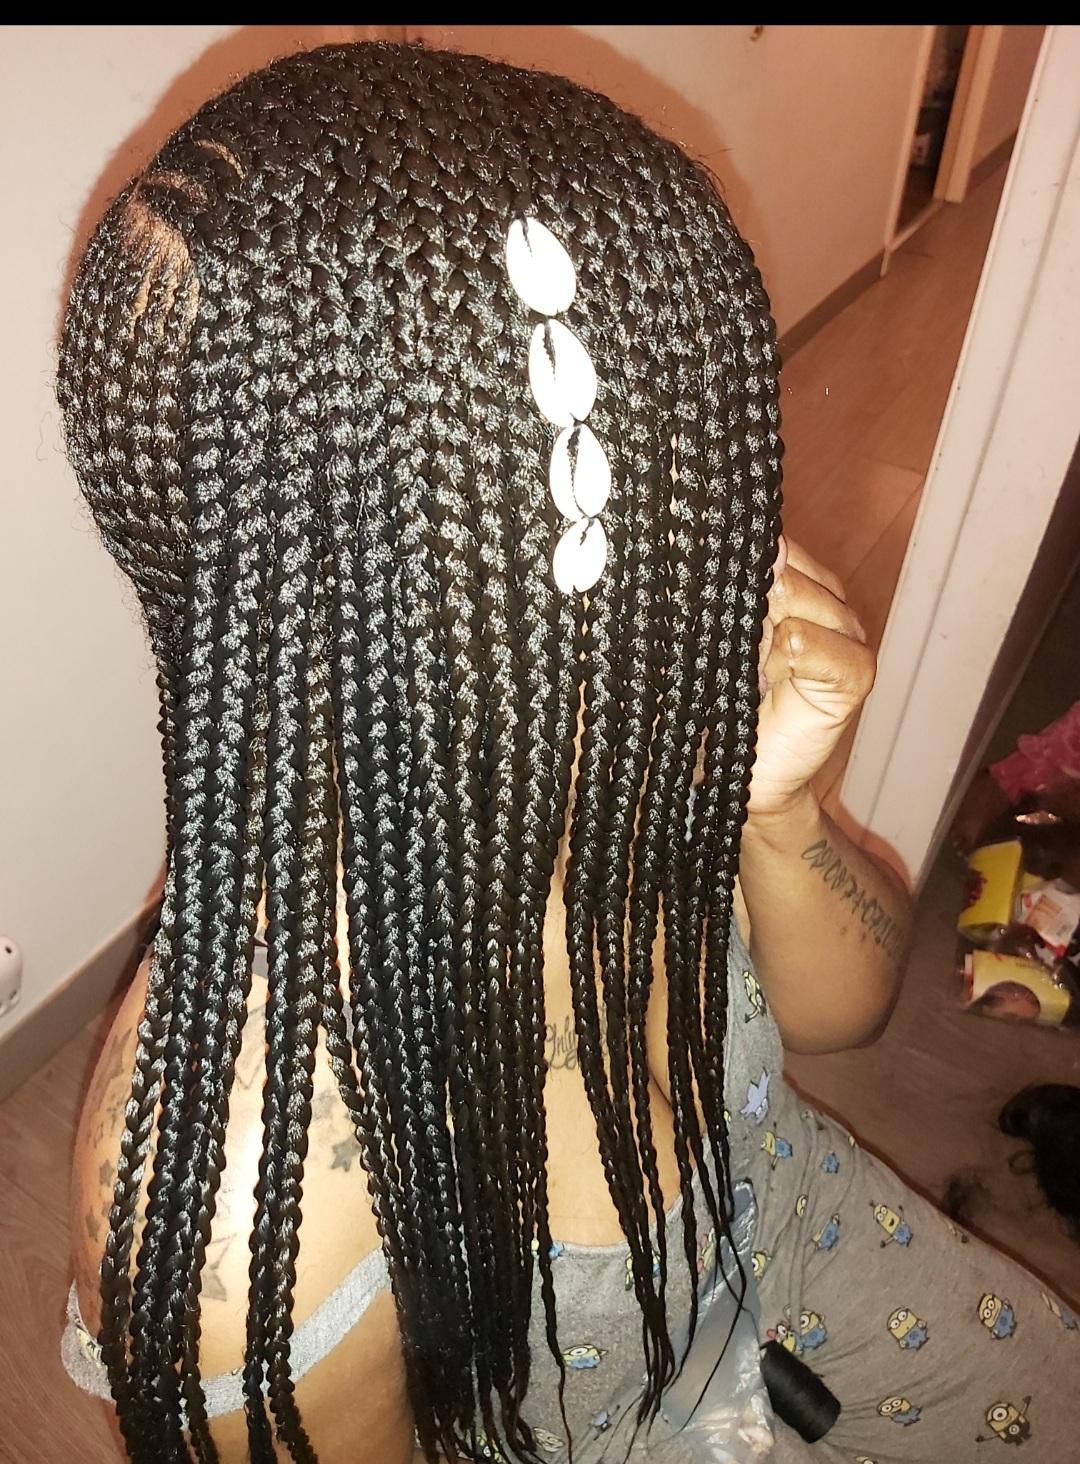 salon de coiffure afro tresse tresses box braids crochet braids vanilles tissages paris 75 77 78 91 92 93 94 95 YNMBWSXI